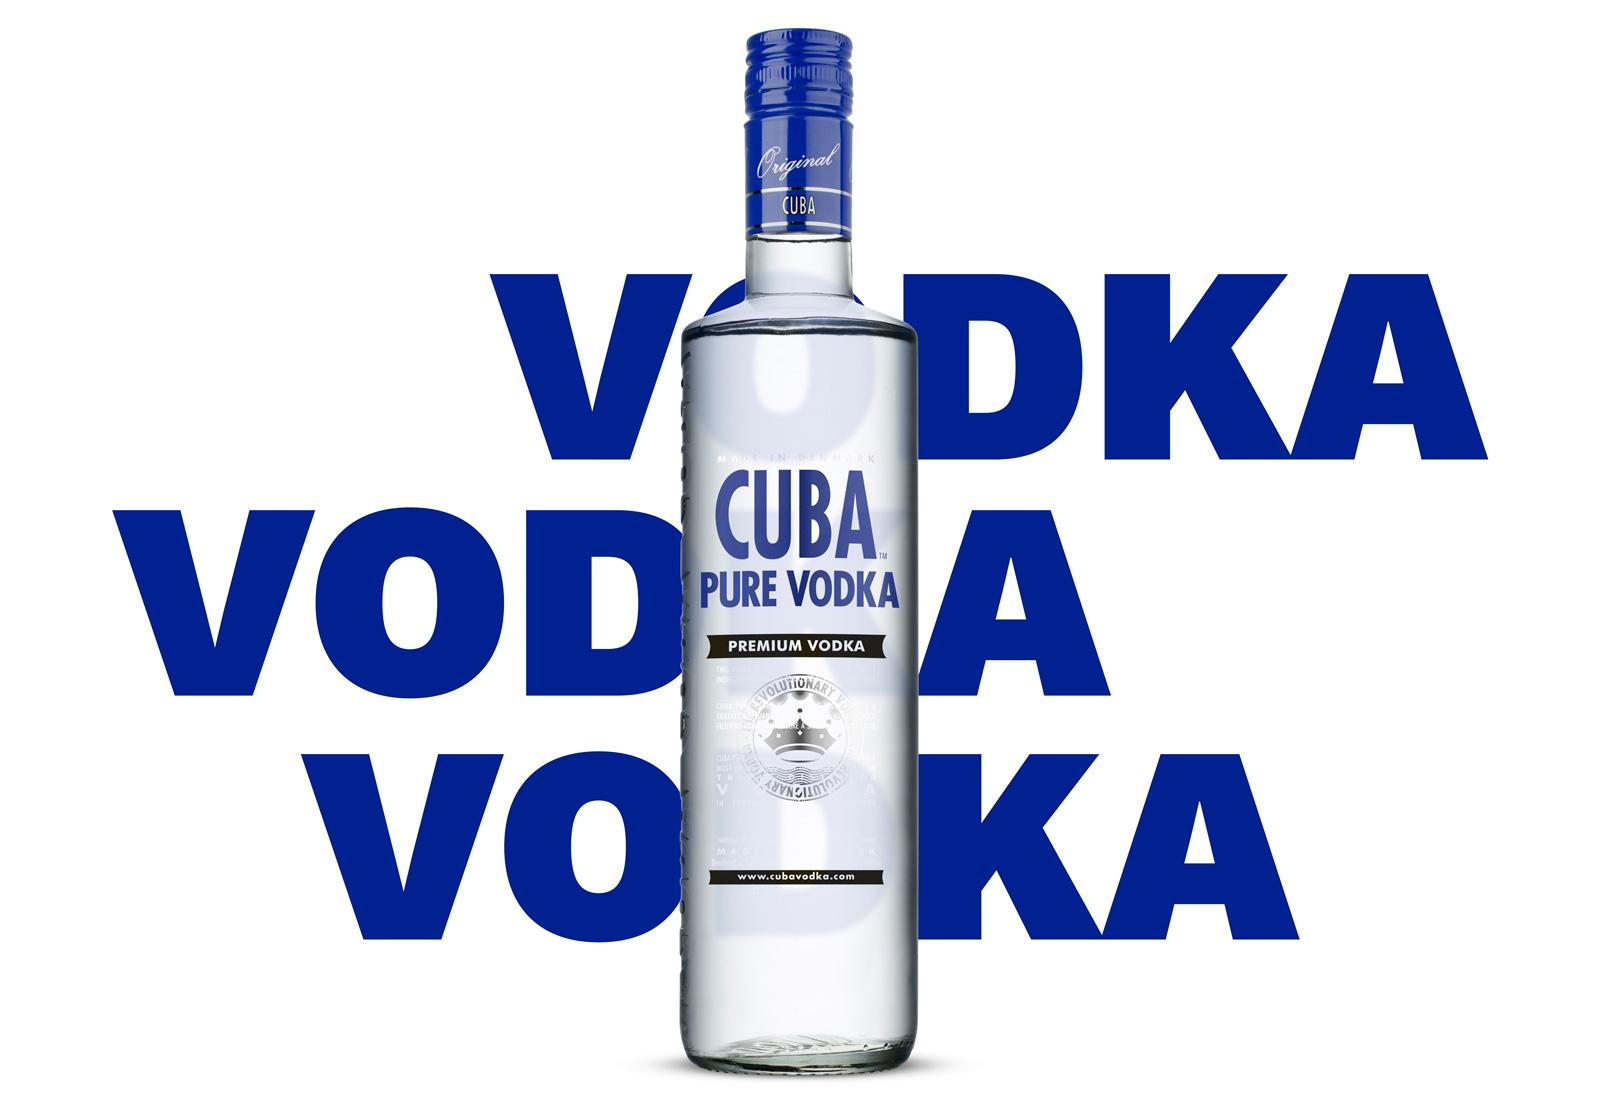 Gary_Britton_cuba_pure_vodka_01